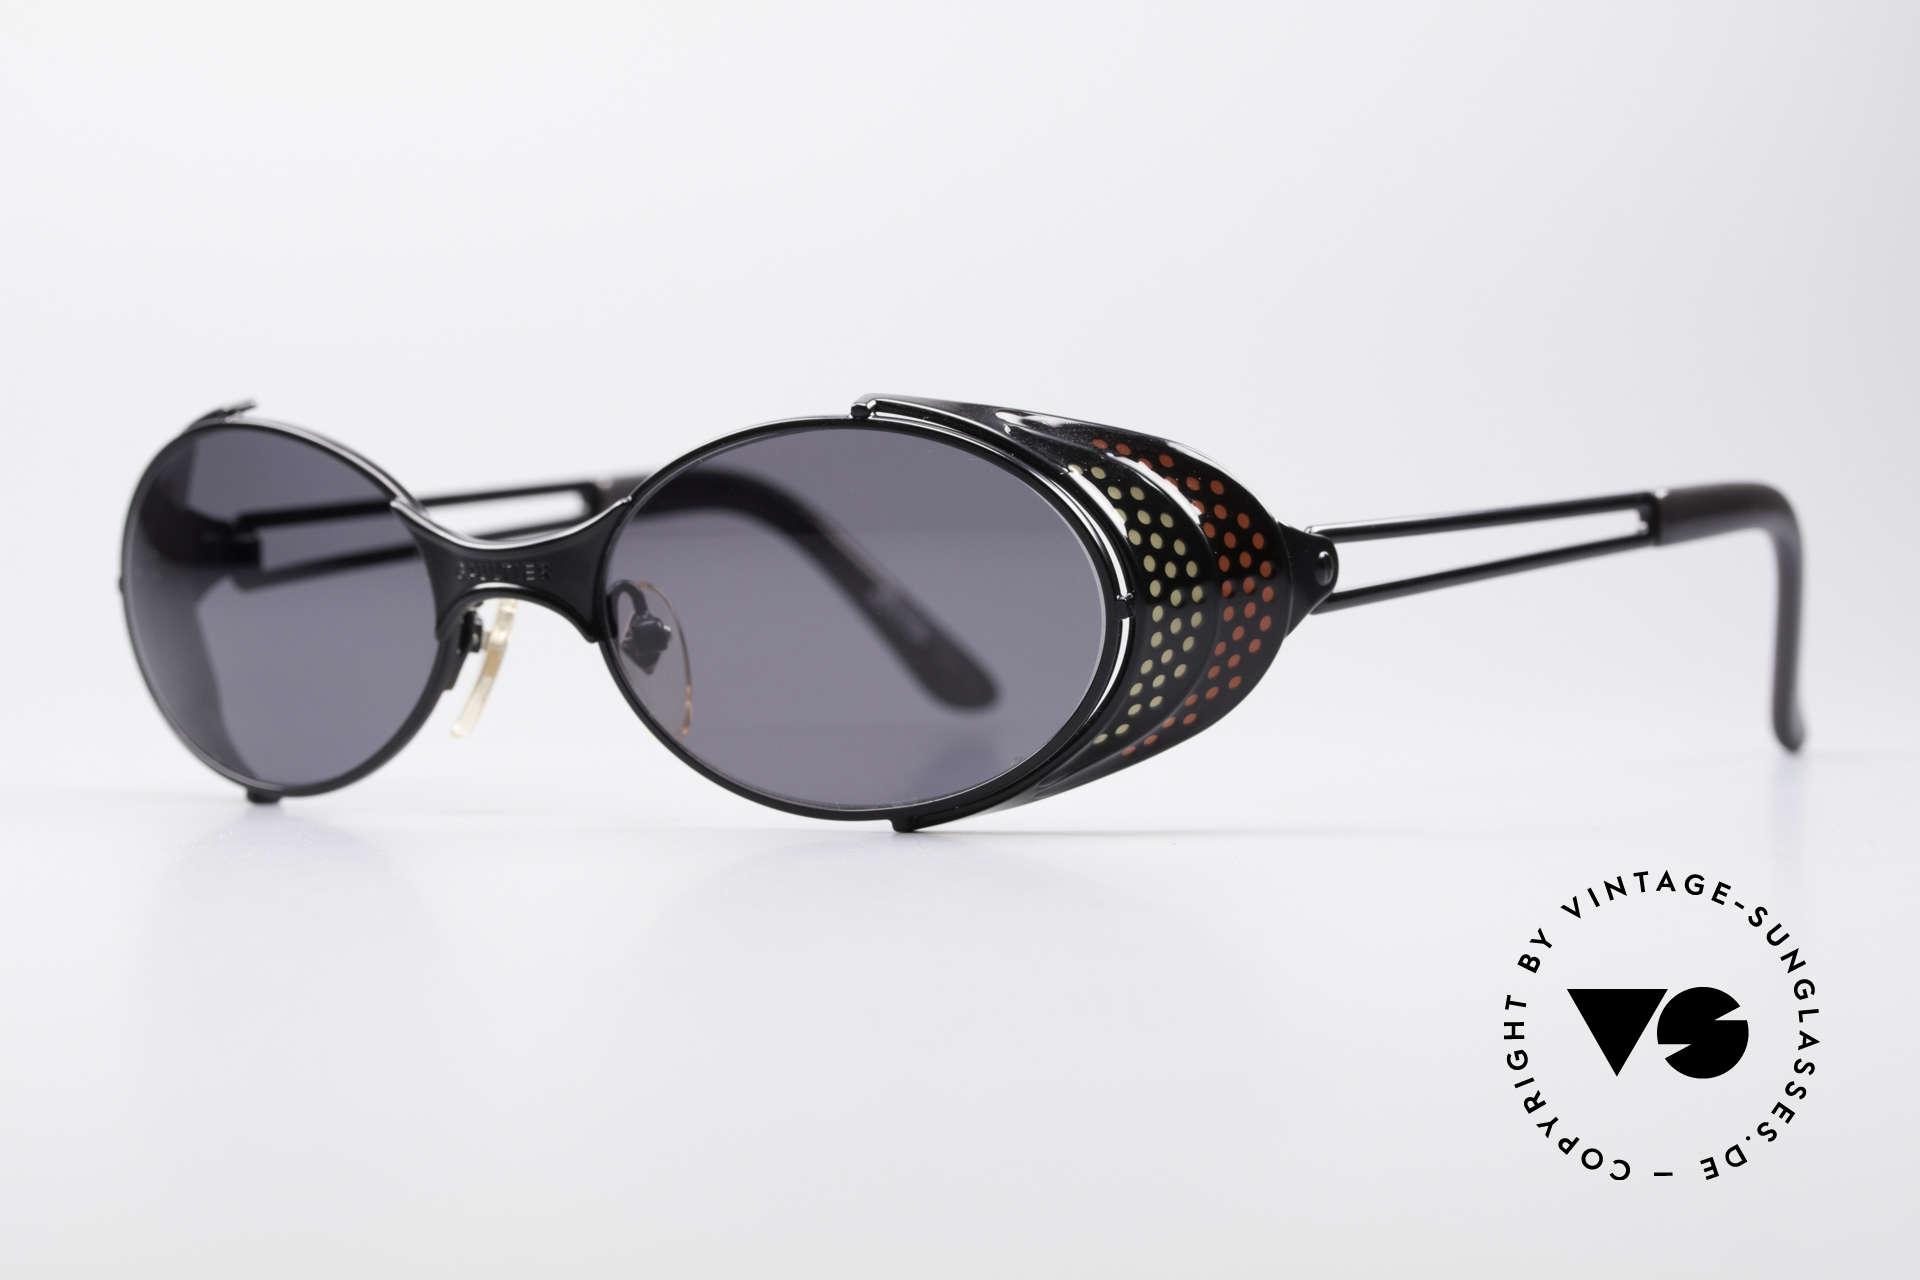 Jean Paul Gaultier 56-7109 JPG Steampunk Sonnenbrille, viele interessante Rahmendetails im 'Retro-Futurismus', Passend für Herren und Damen